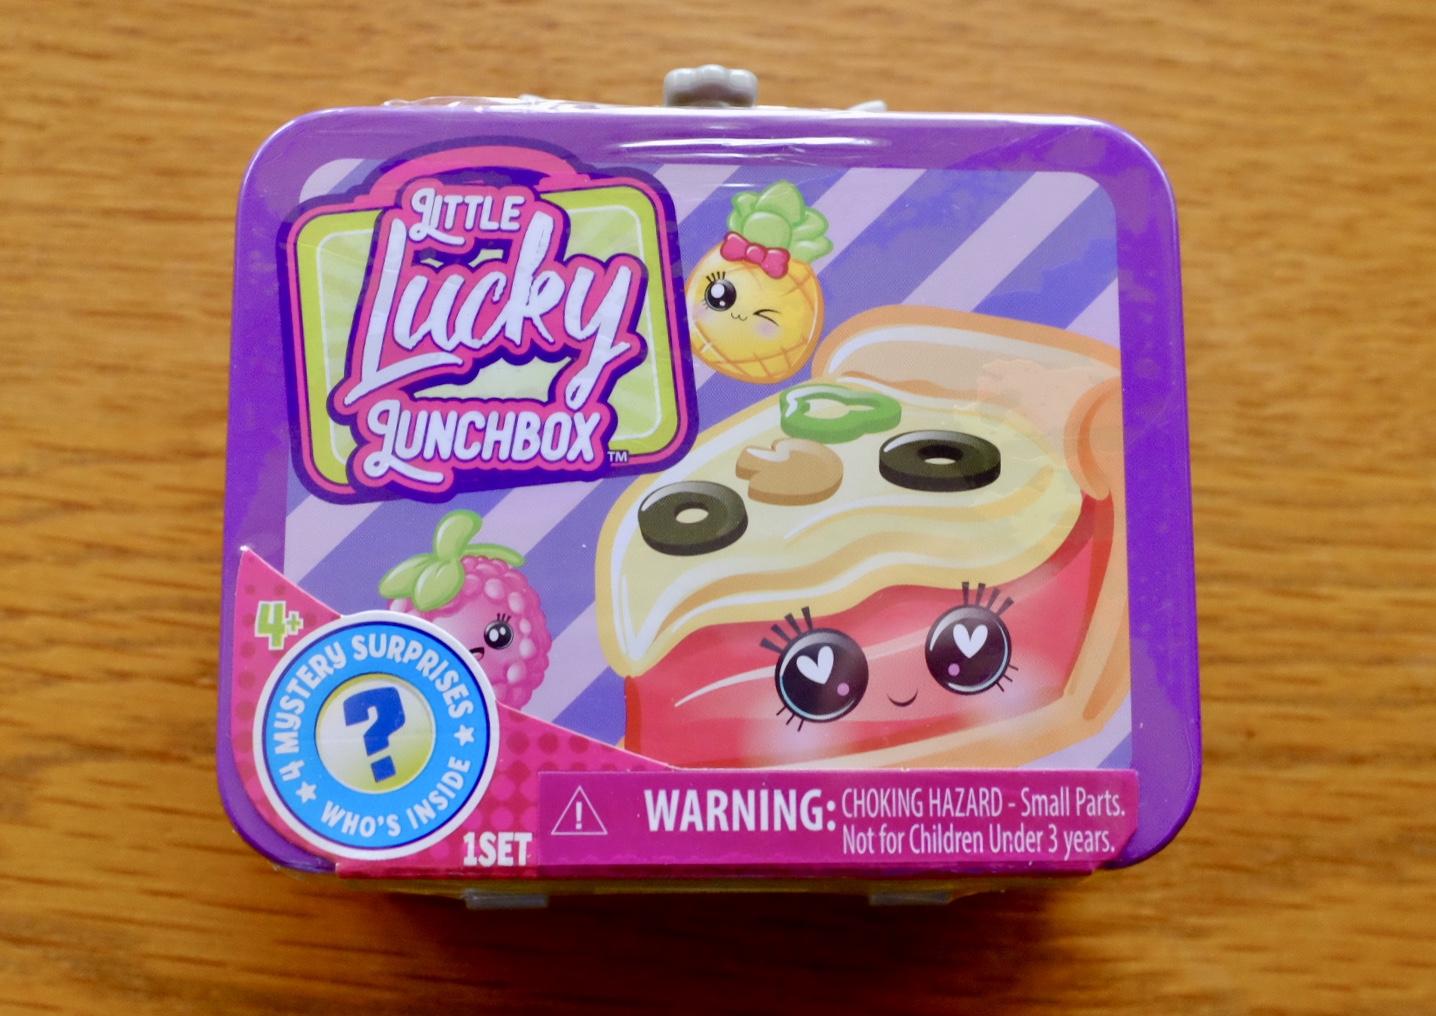 Little Lucky Lunchbox